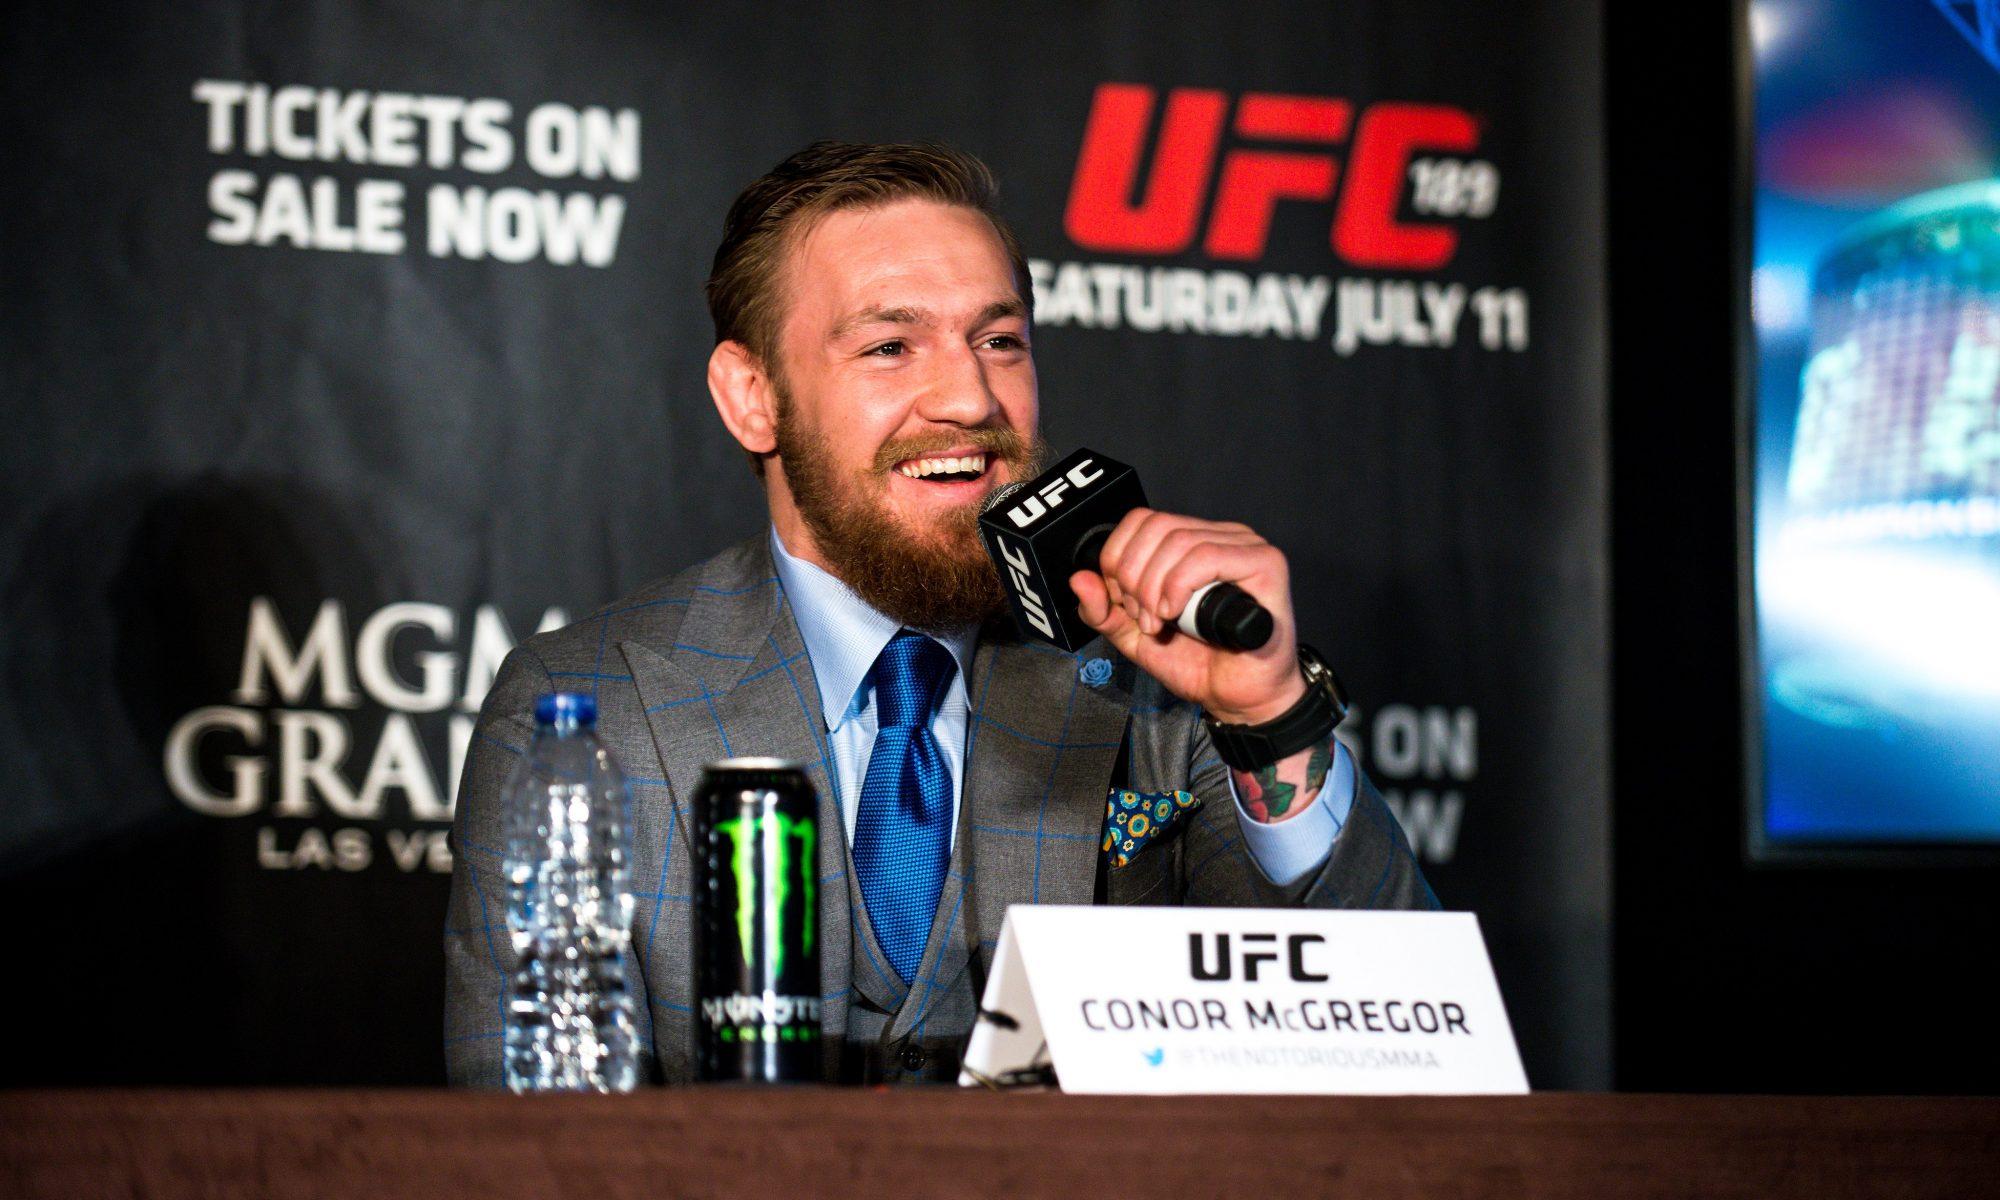 UFC 189 World Tour Aldo vs. McGregor London 2015